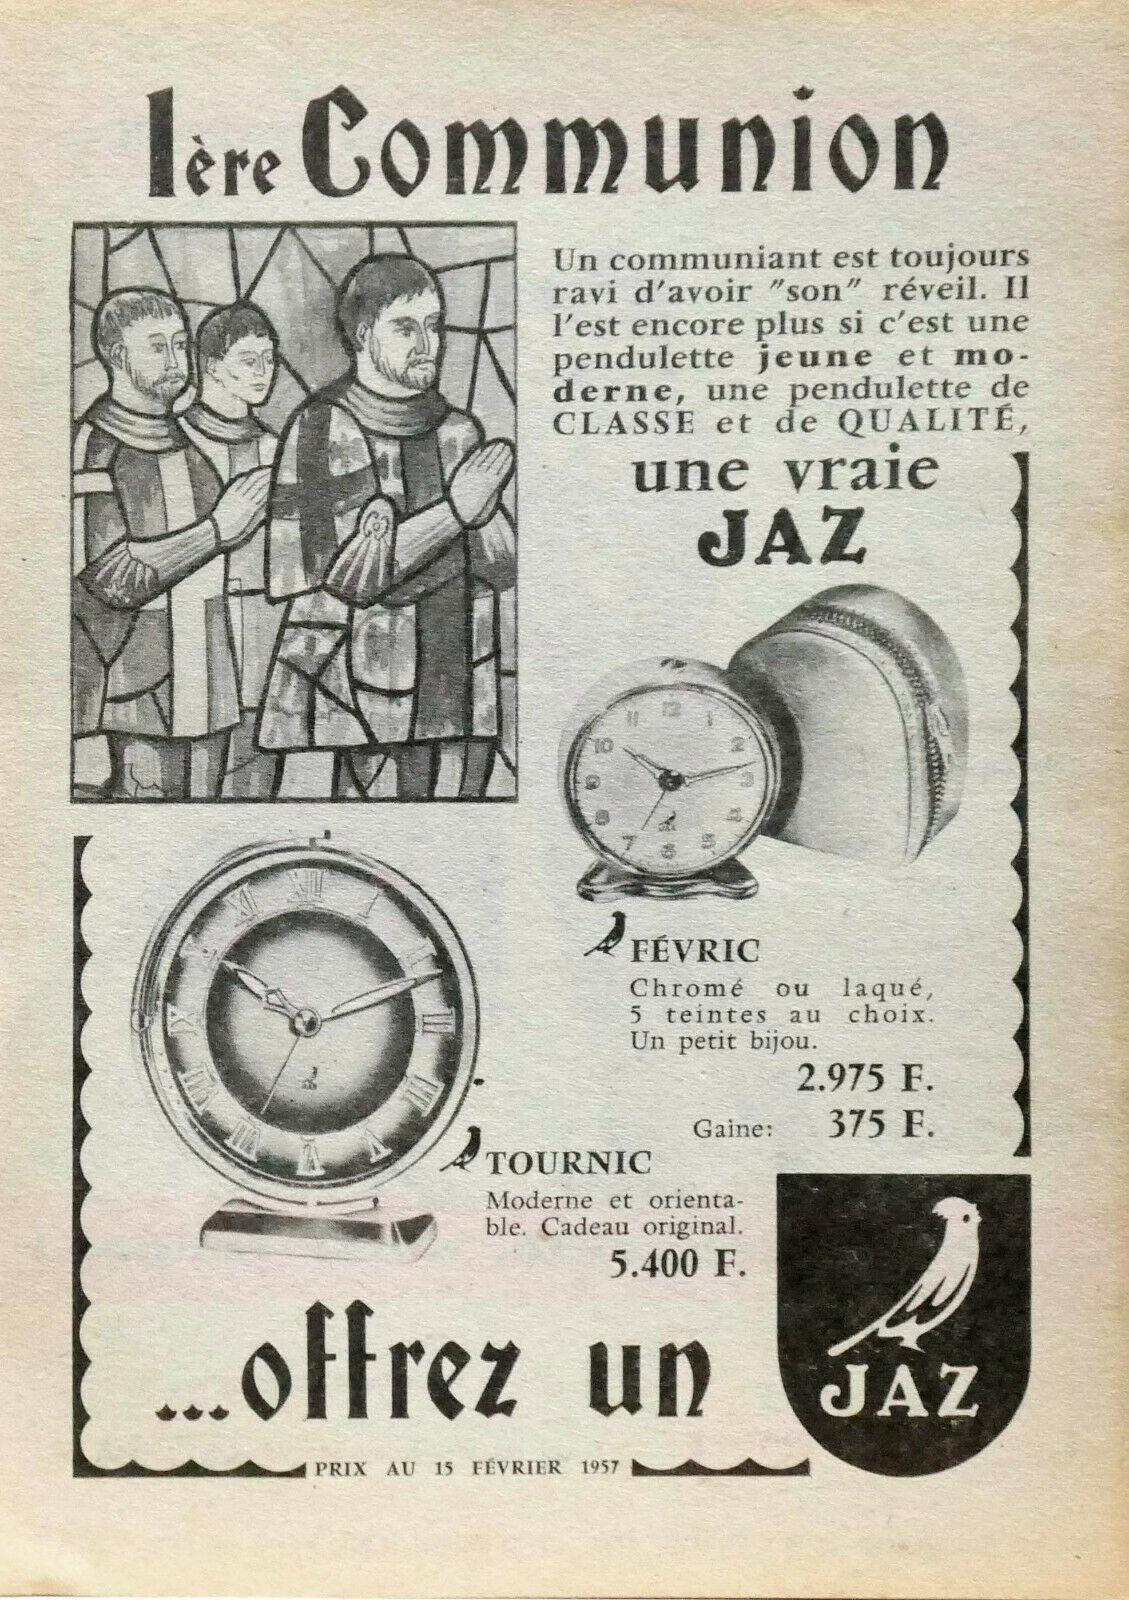 tournic et févric 1957